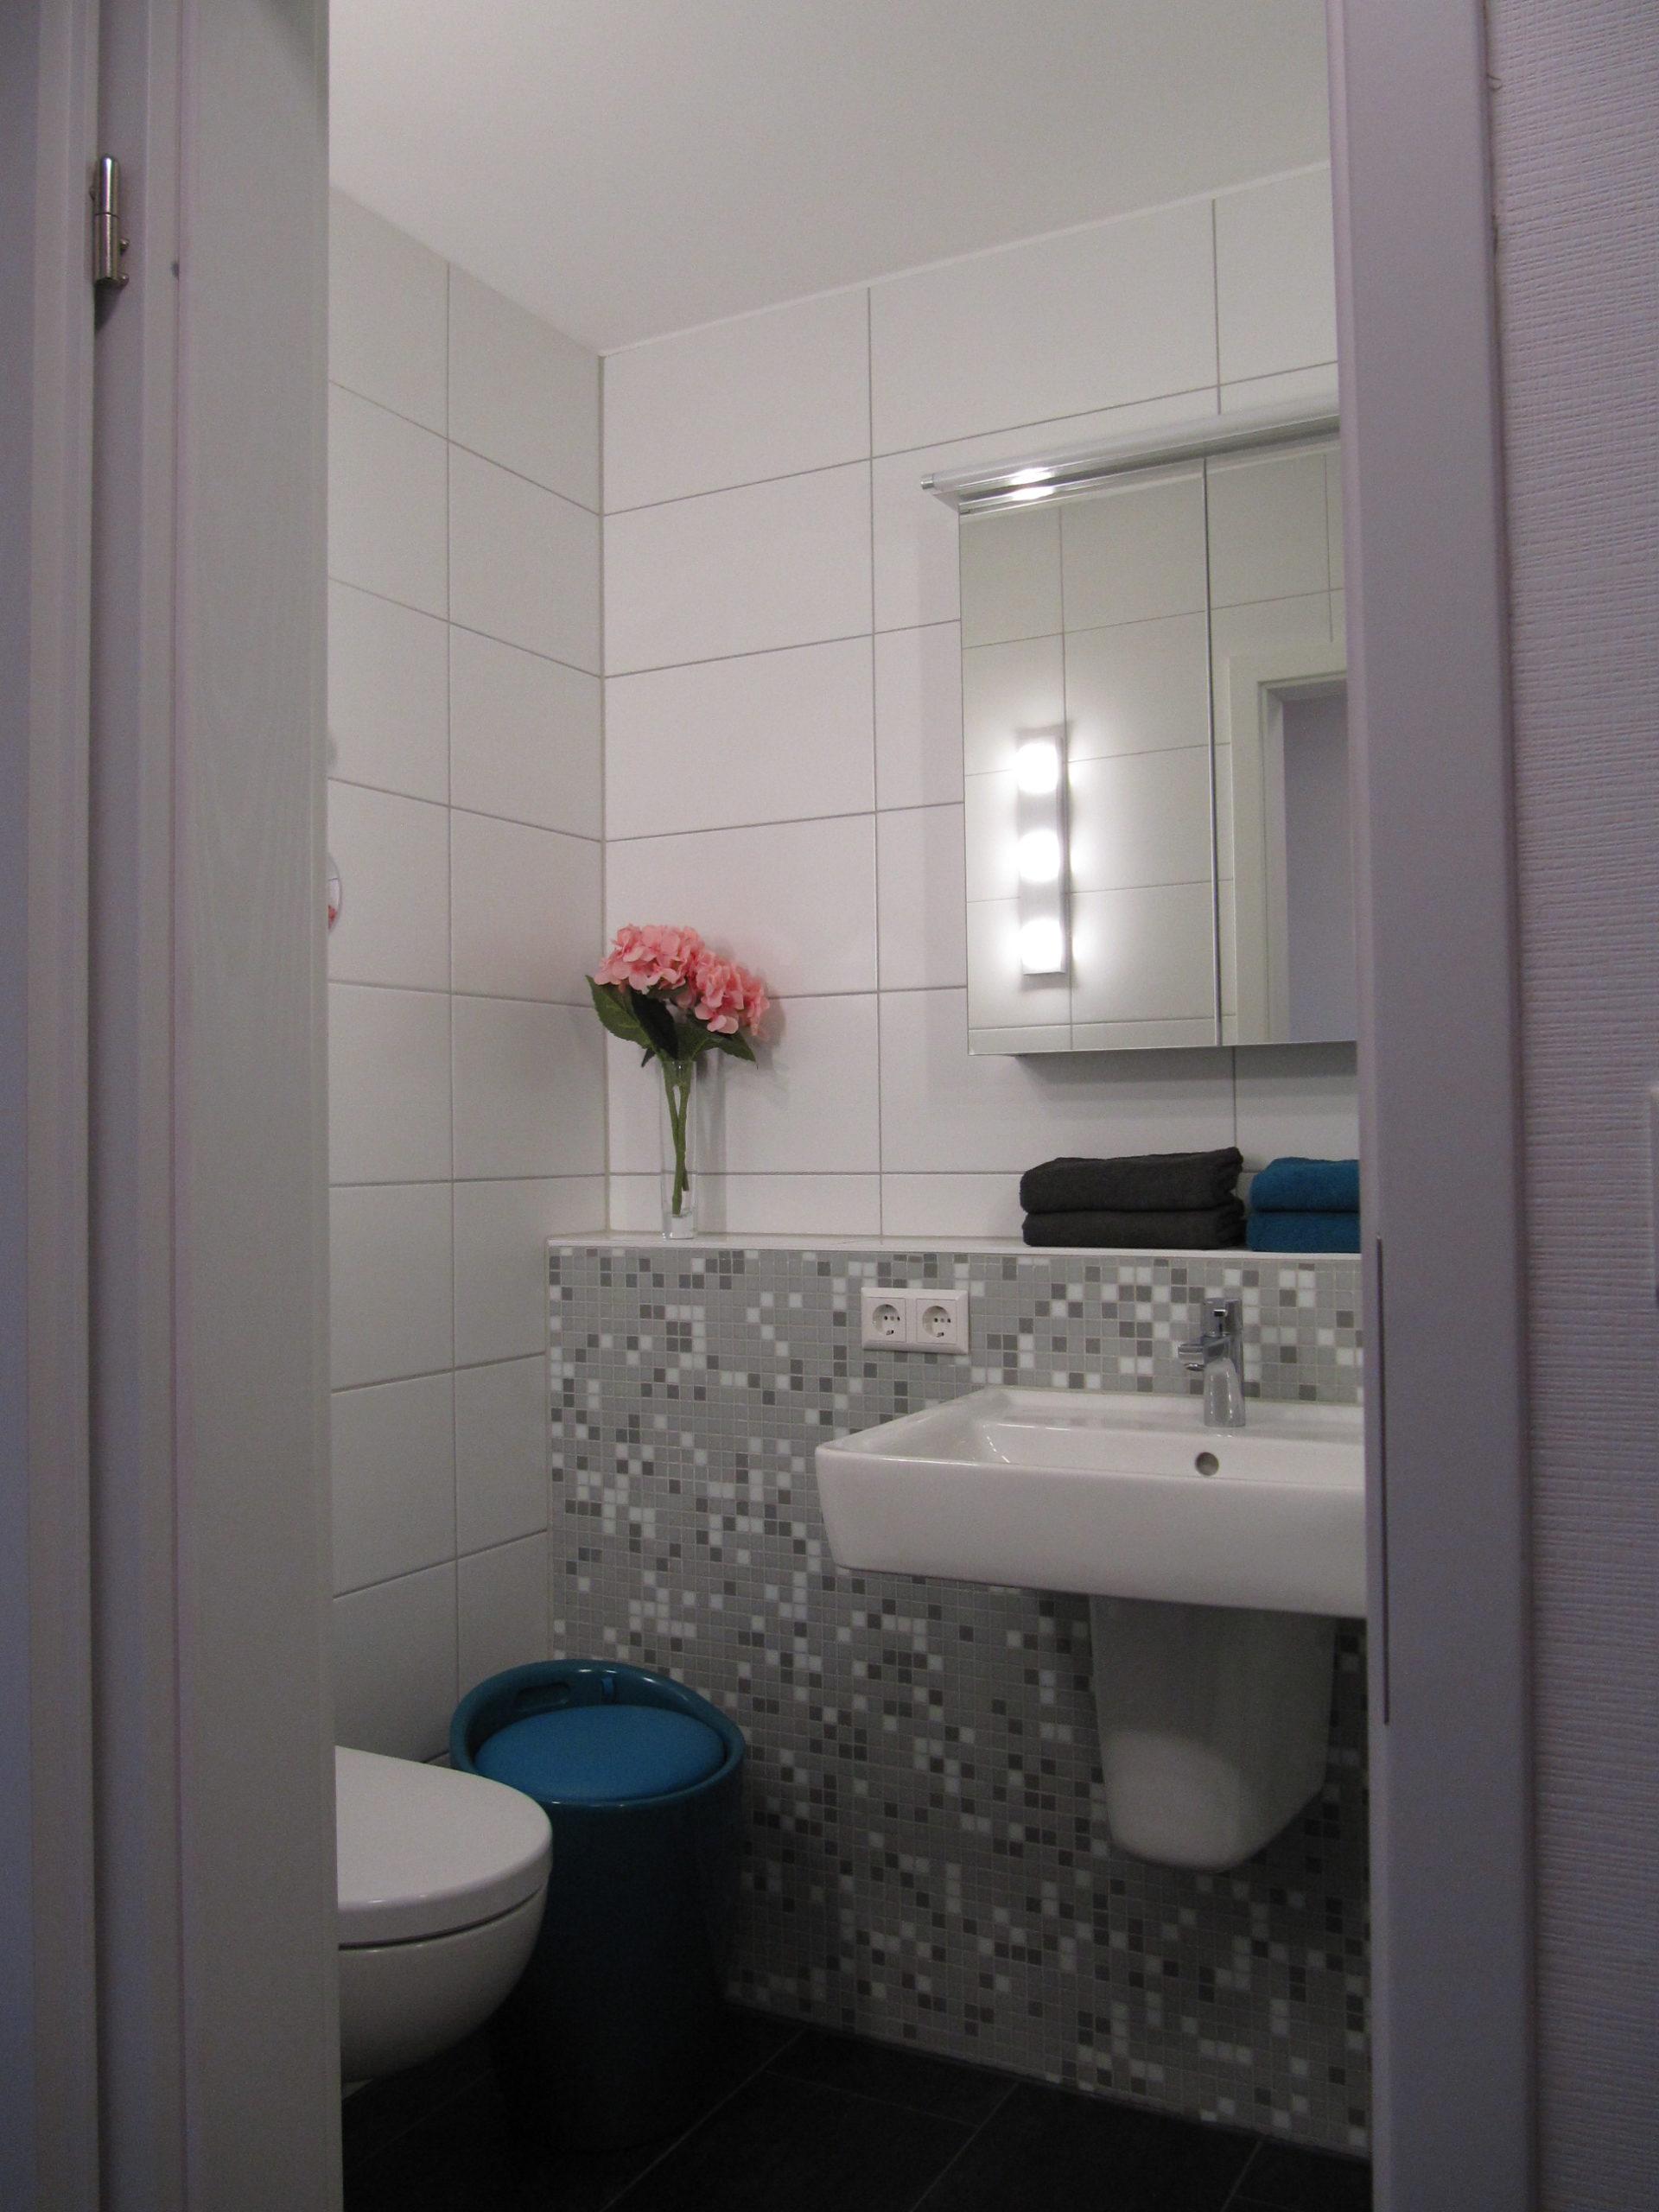 Blick ins Badezimmer auf Waschbecken, Spiegelschrank und Toilette